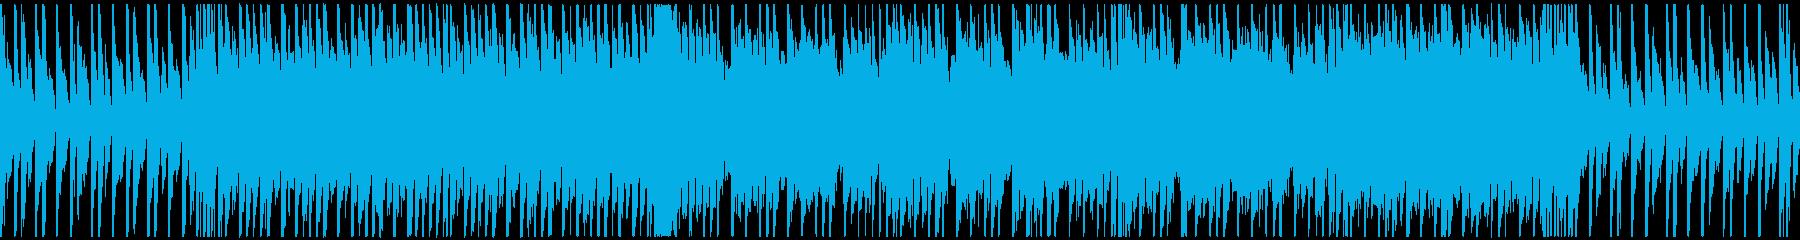 【ループ対応】前向きポップロックの再生済みの波形